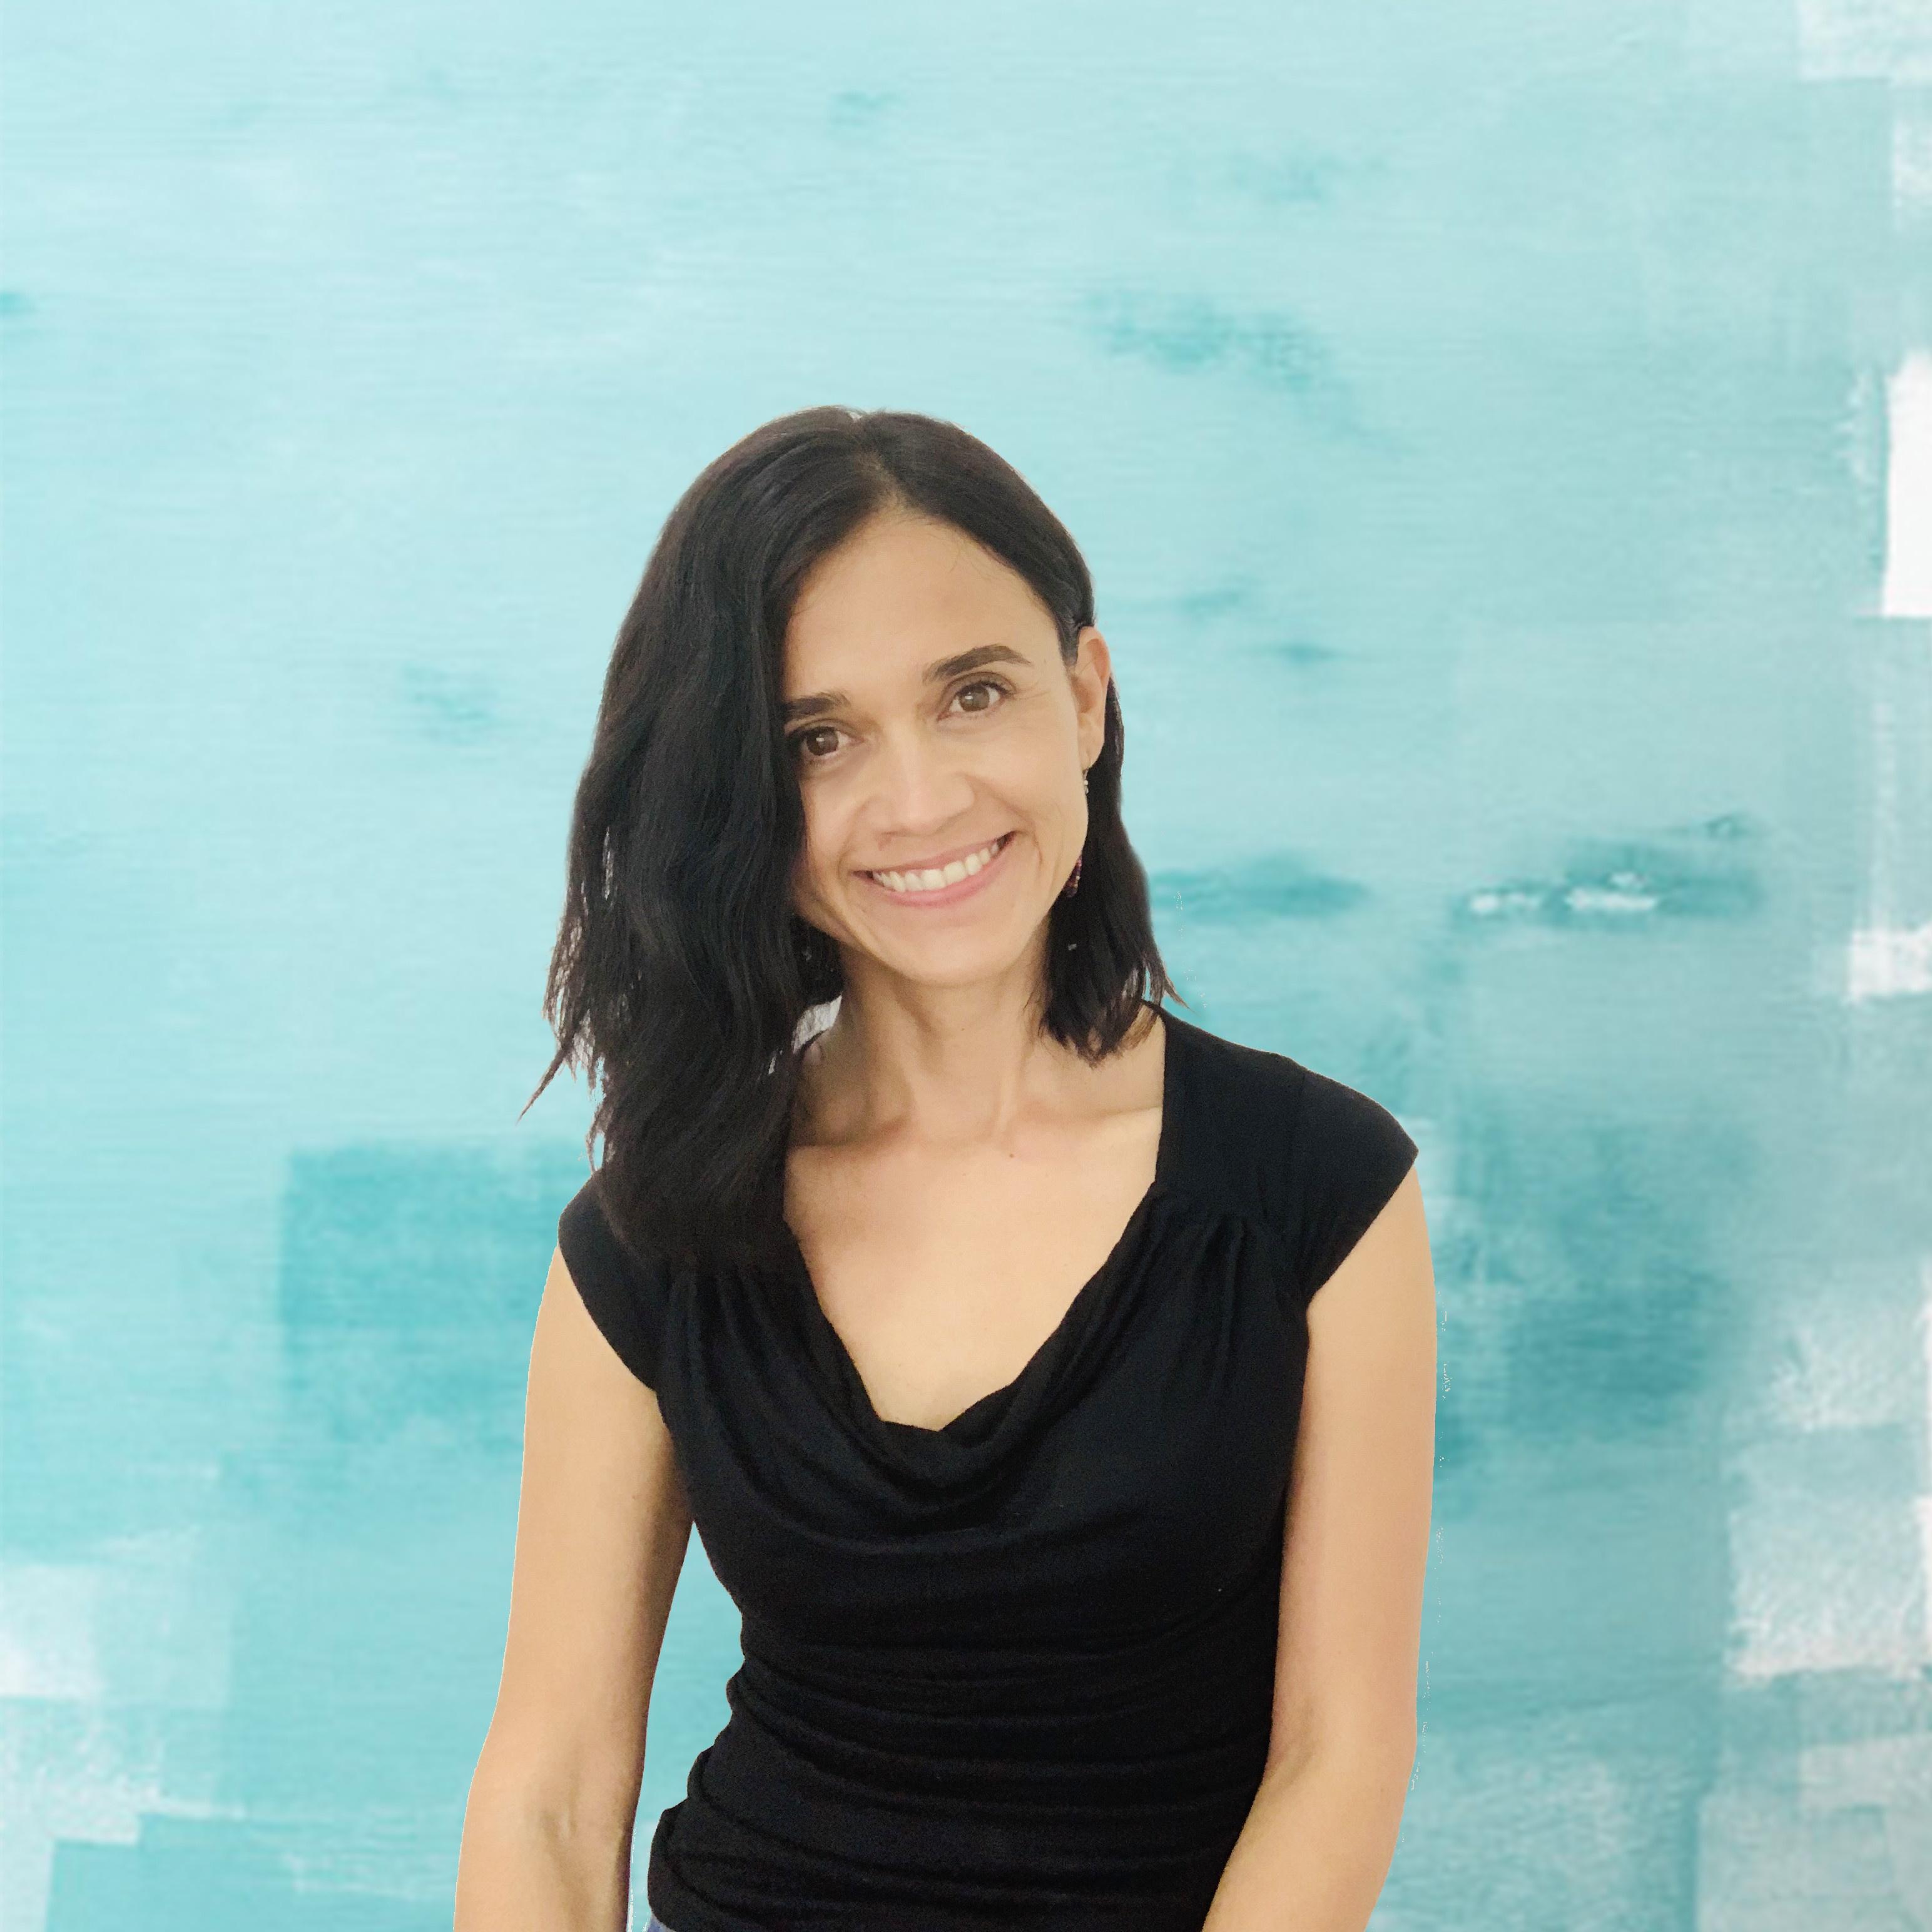 Alejandra Villarreal